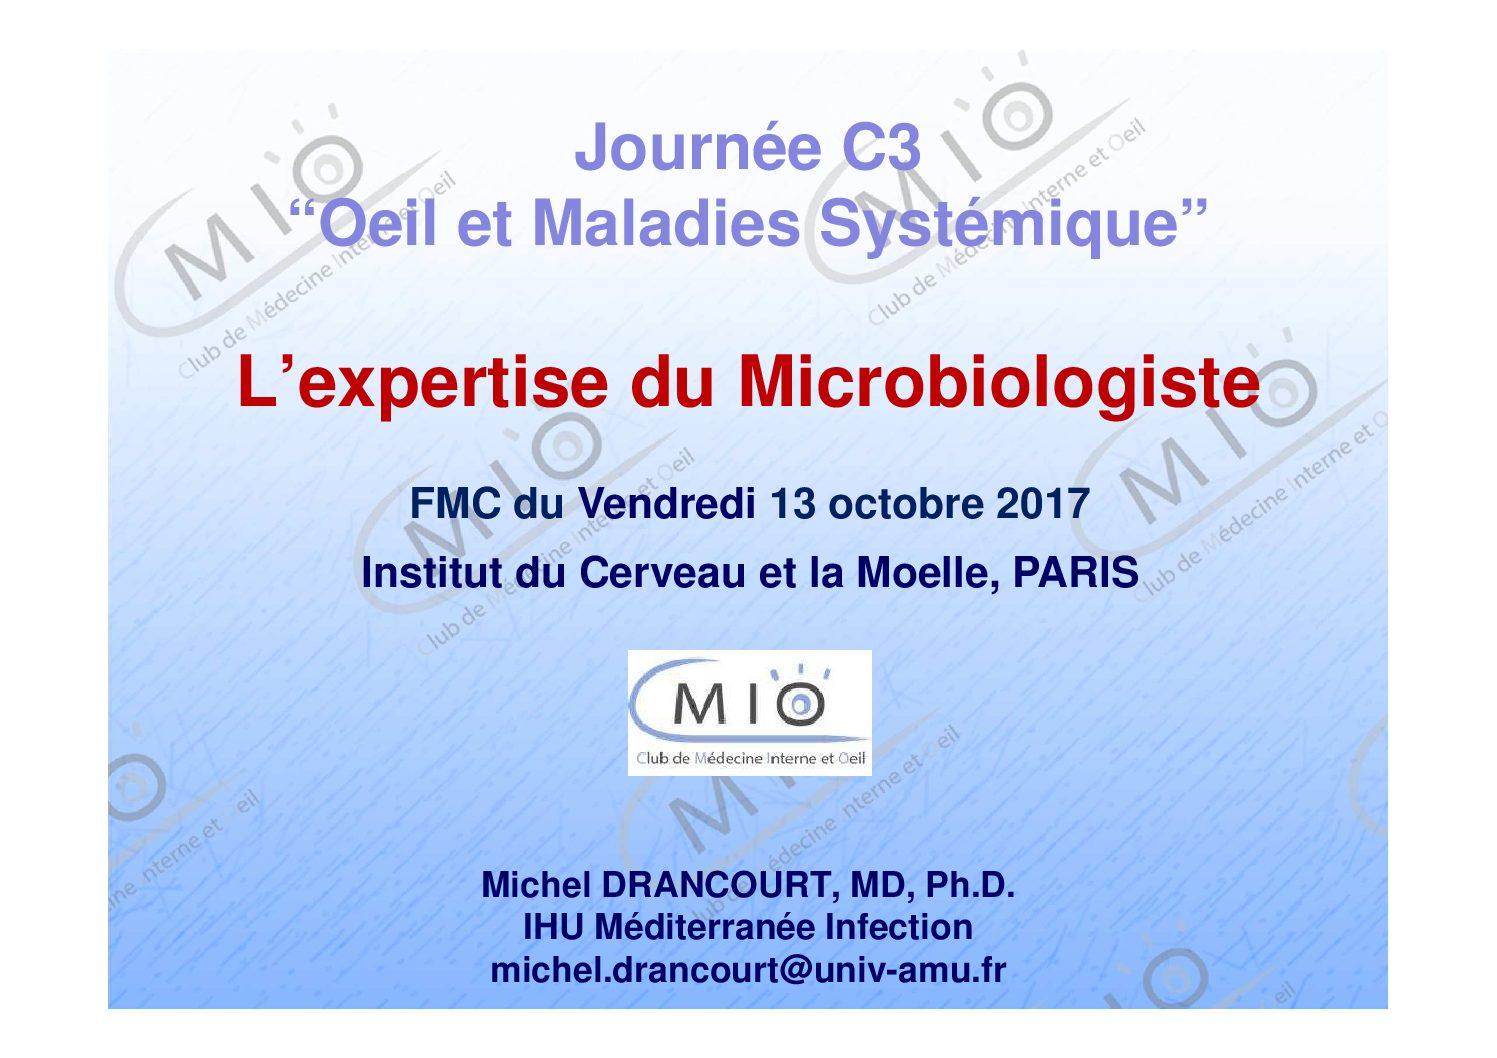 L'expertise du microbiologiste